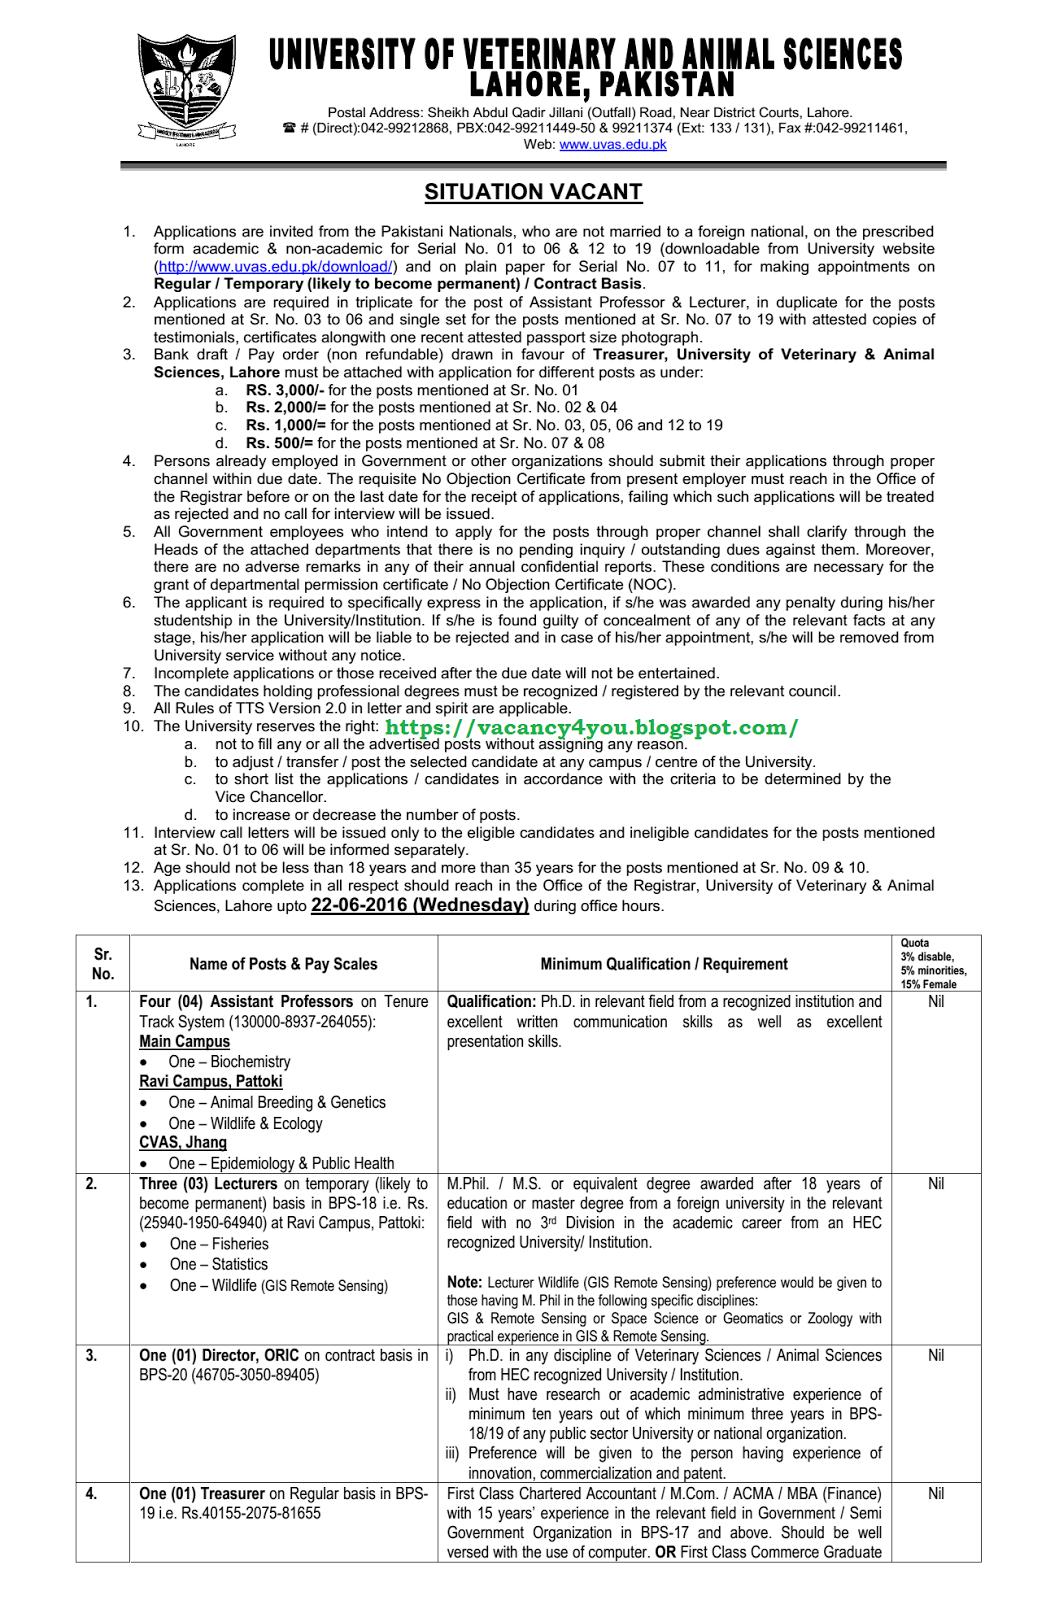 LATEST JOBS: Multiple Veterinary Jobs in UVAS, LAMP and Pattoki Farm